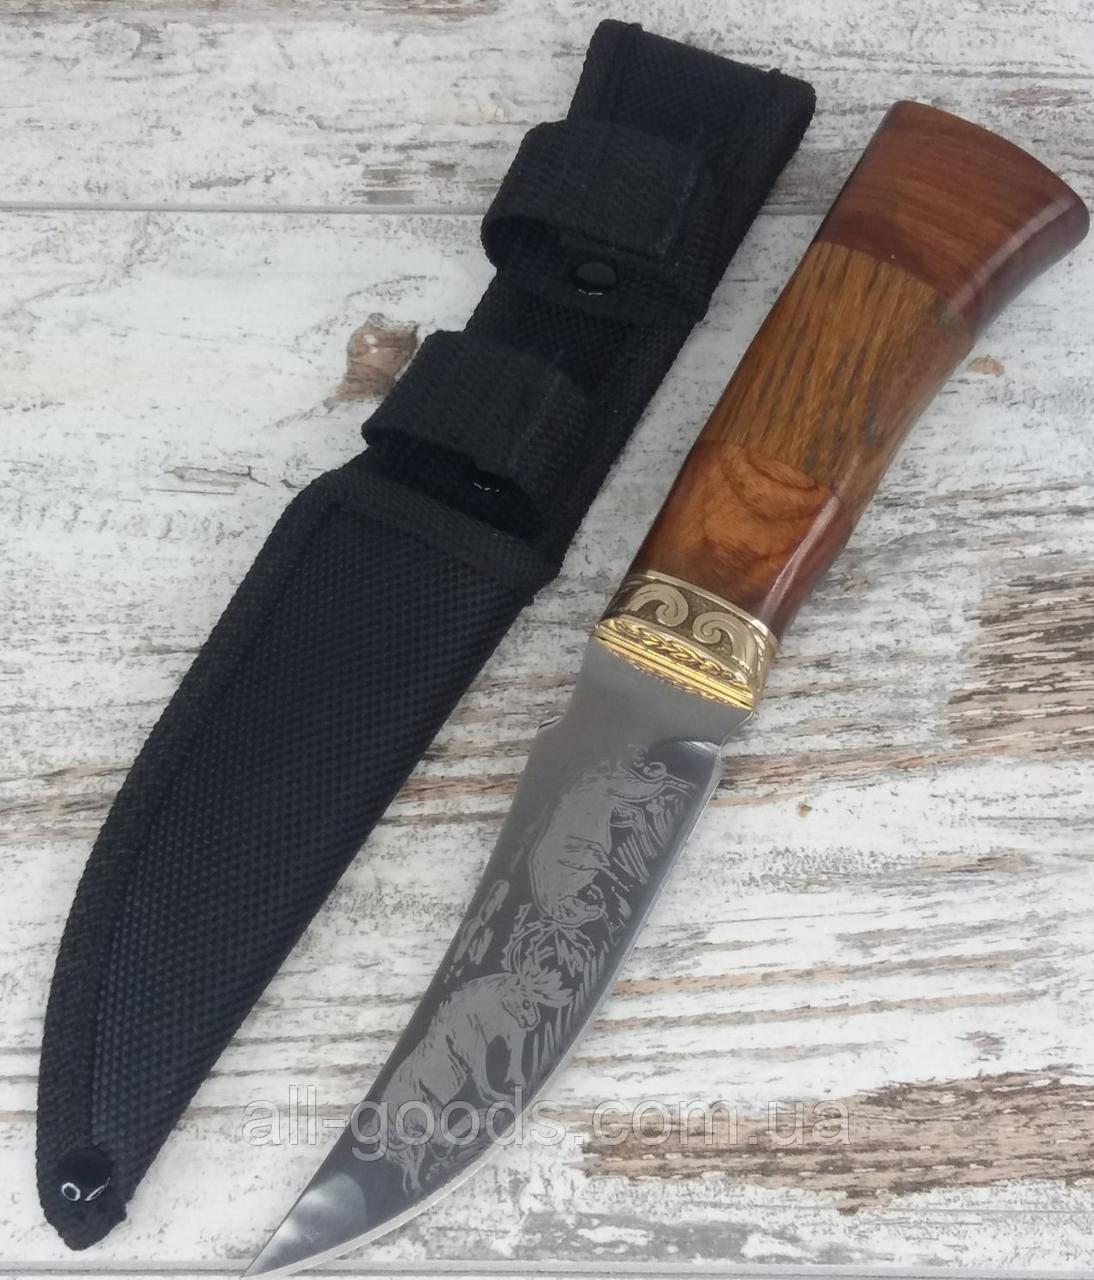 Охотничий нож COLUNBIA 22,5СМ / 742. Нож для охоты, рыбалки и туризма. Нож для выживания в чехле. All